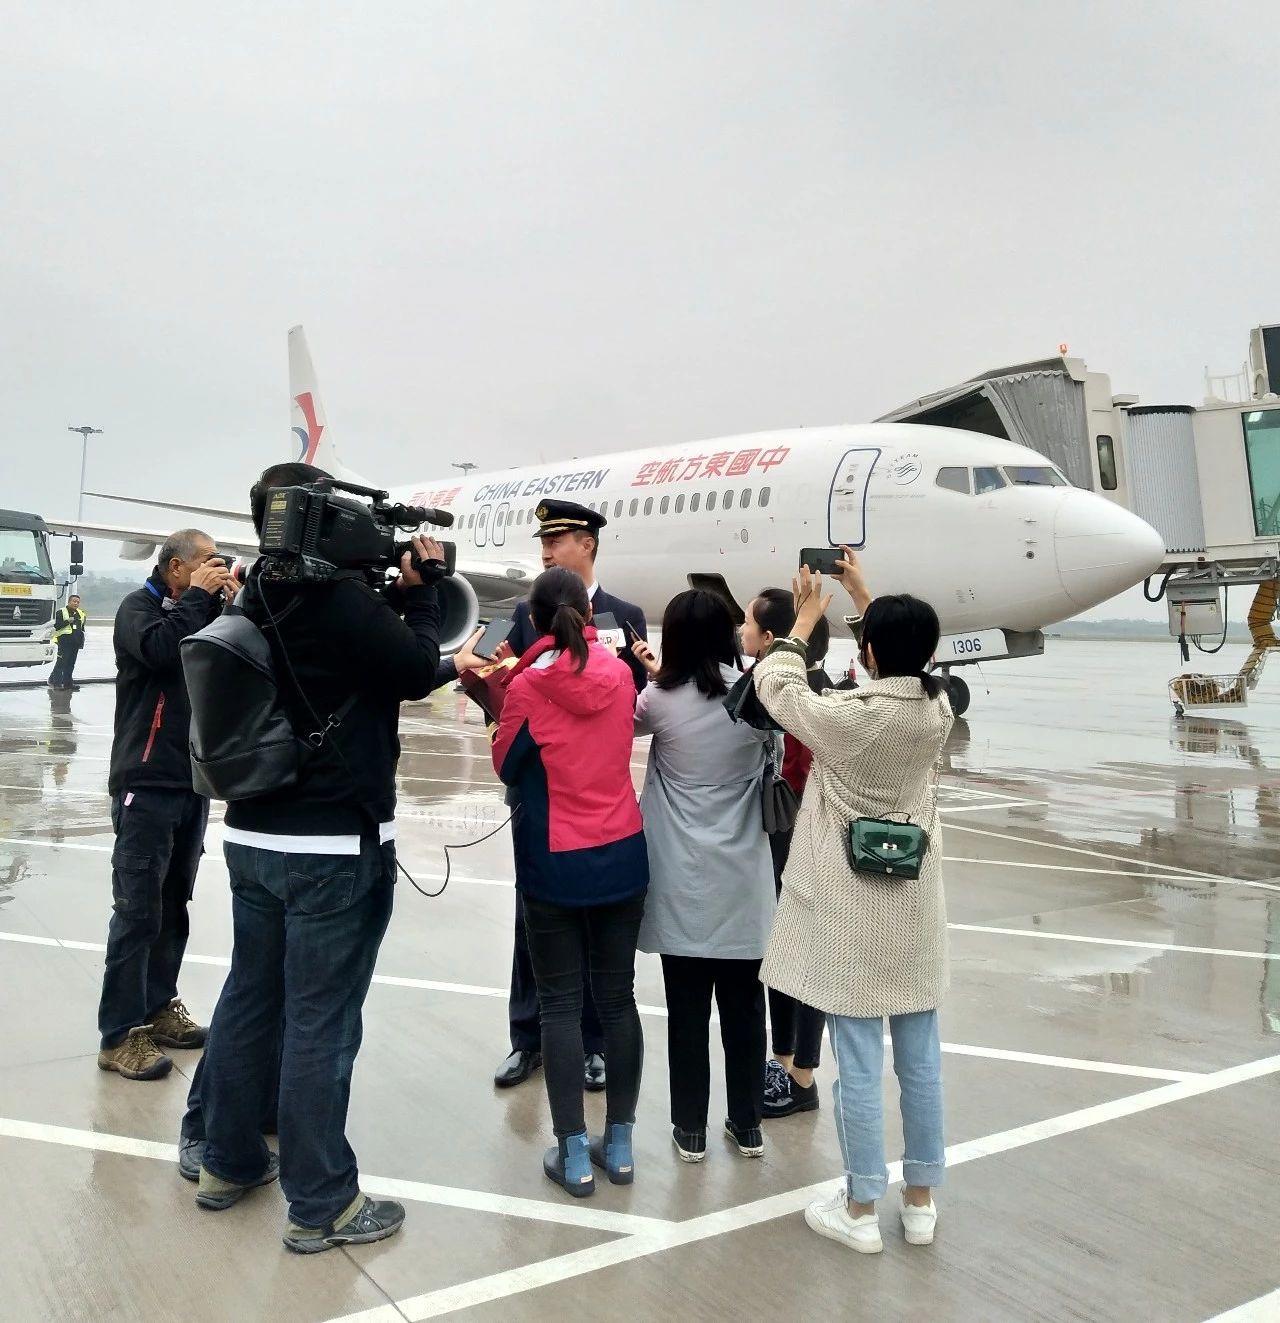 泸州―北京今日通航,2小时40分钟飞到北京